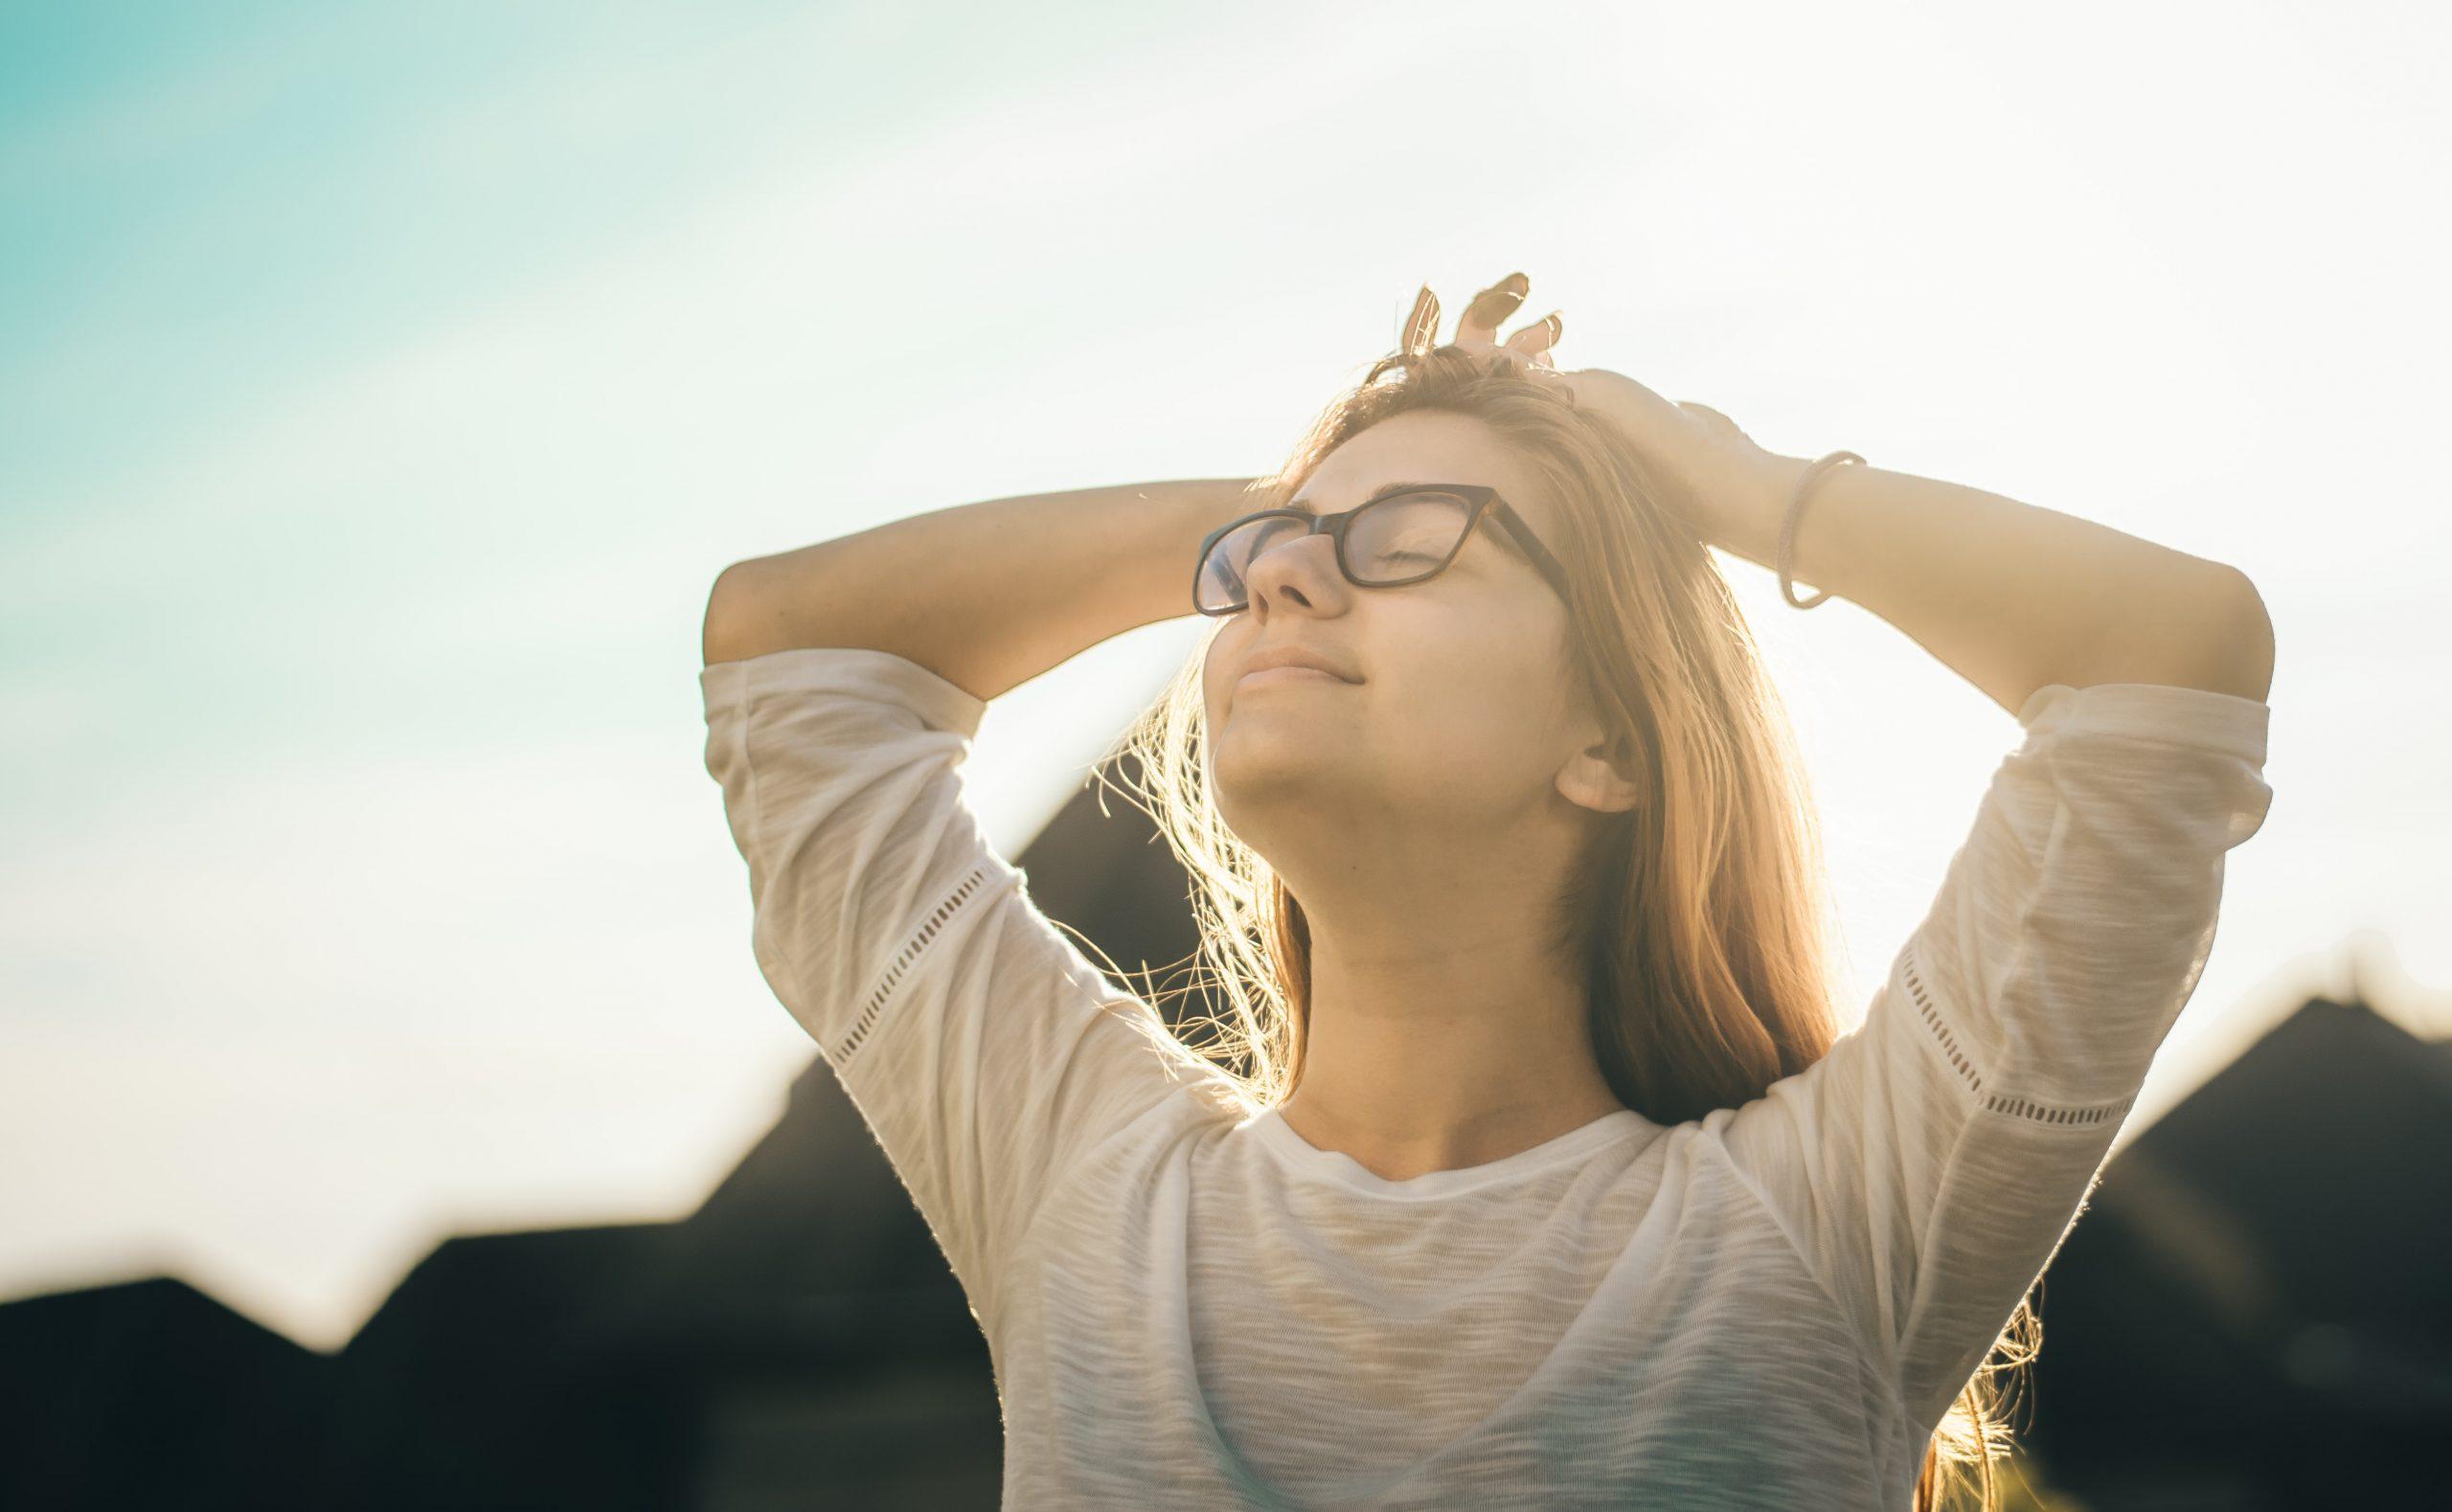 Nainen kädet yhdessä pään takana, silmät suljettuina, seisoo kasvot ylöspäin.